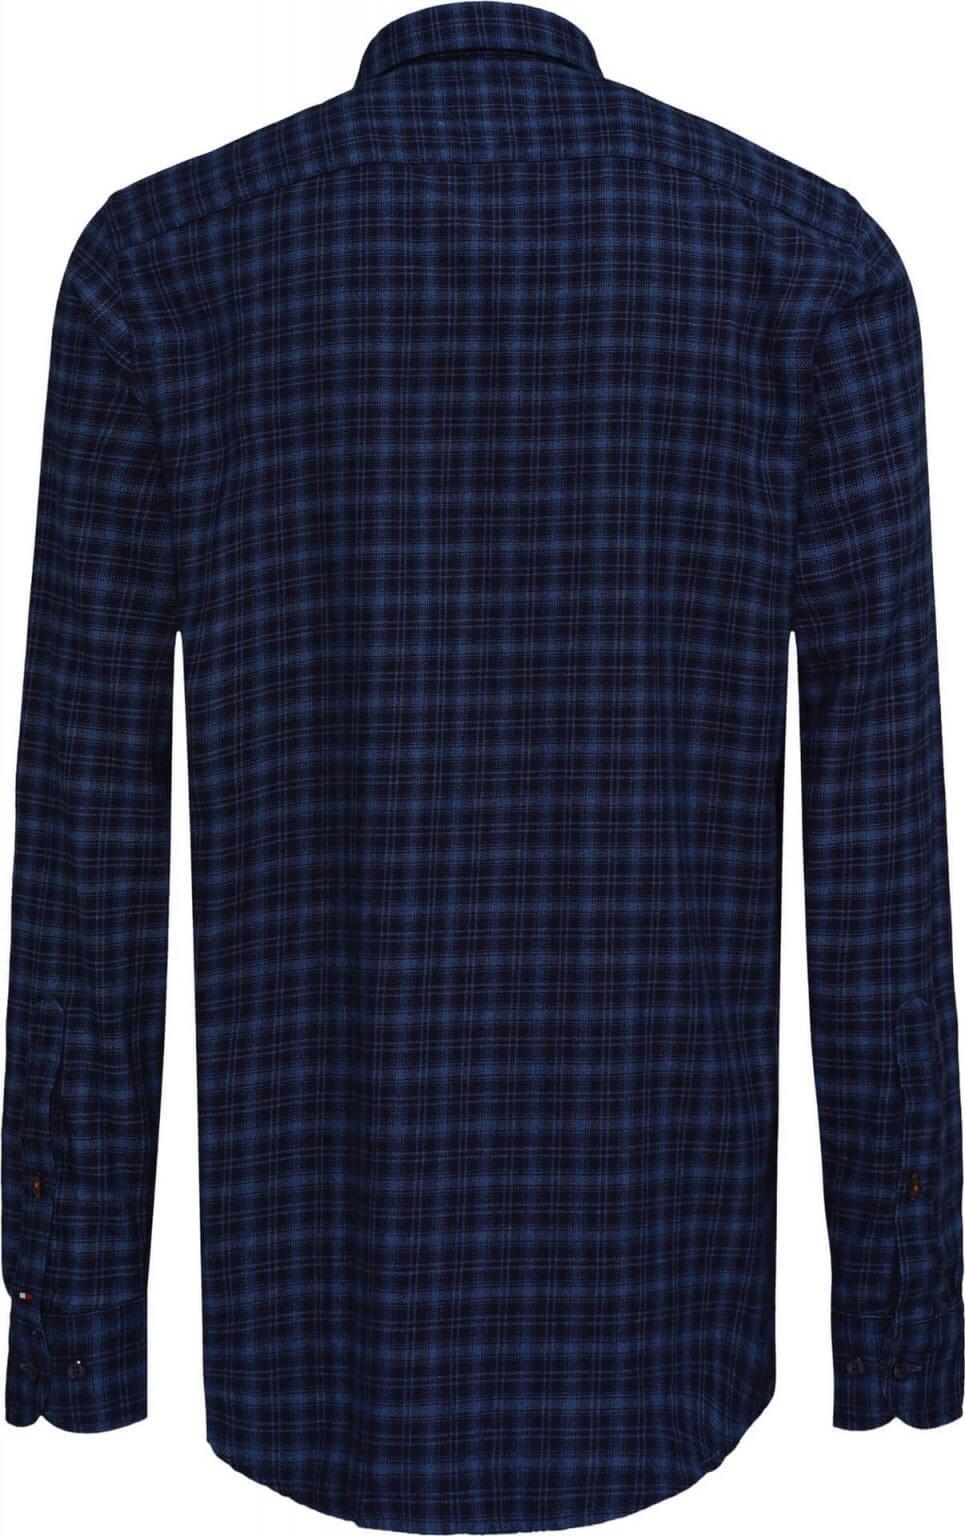 Tommy Hilfiger Patchwork Shirt   Davids Of Haslemere